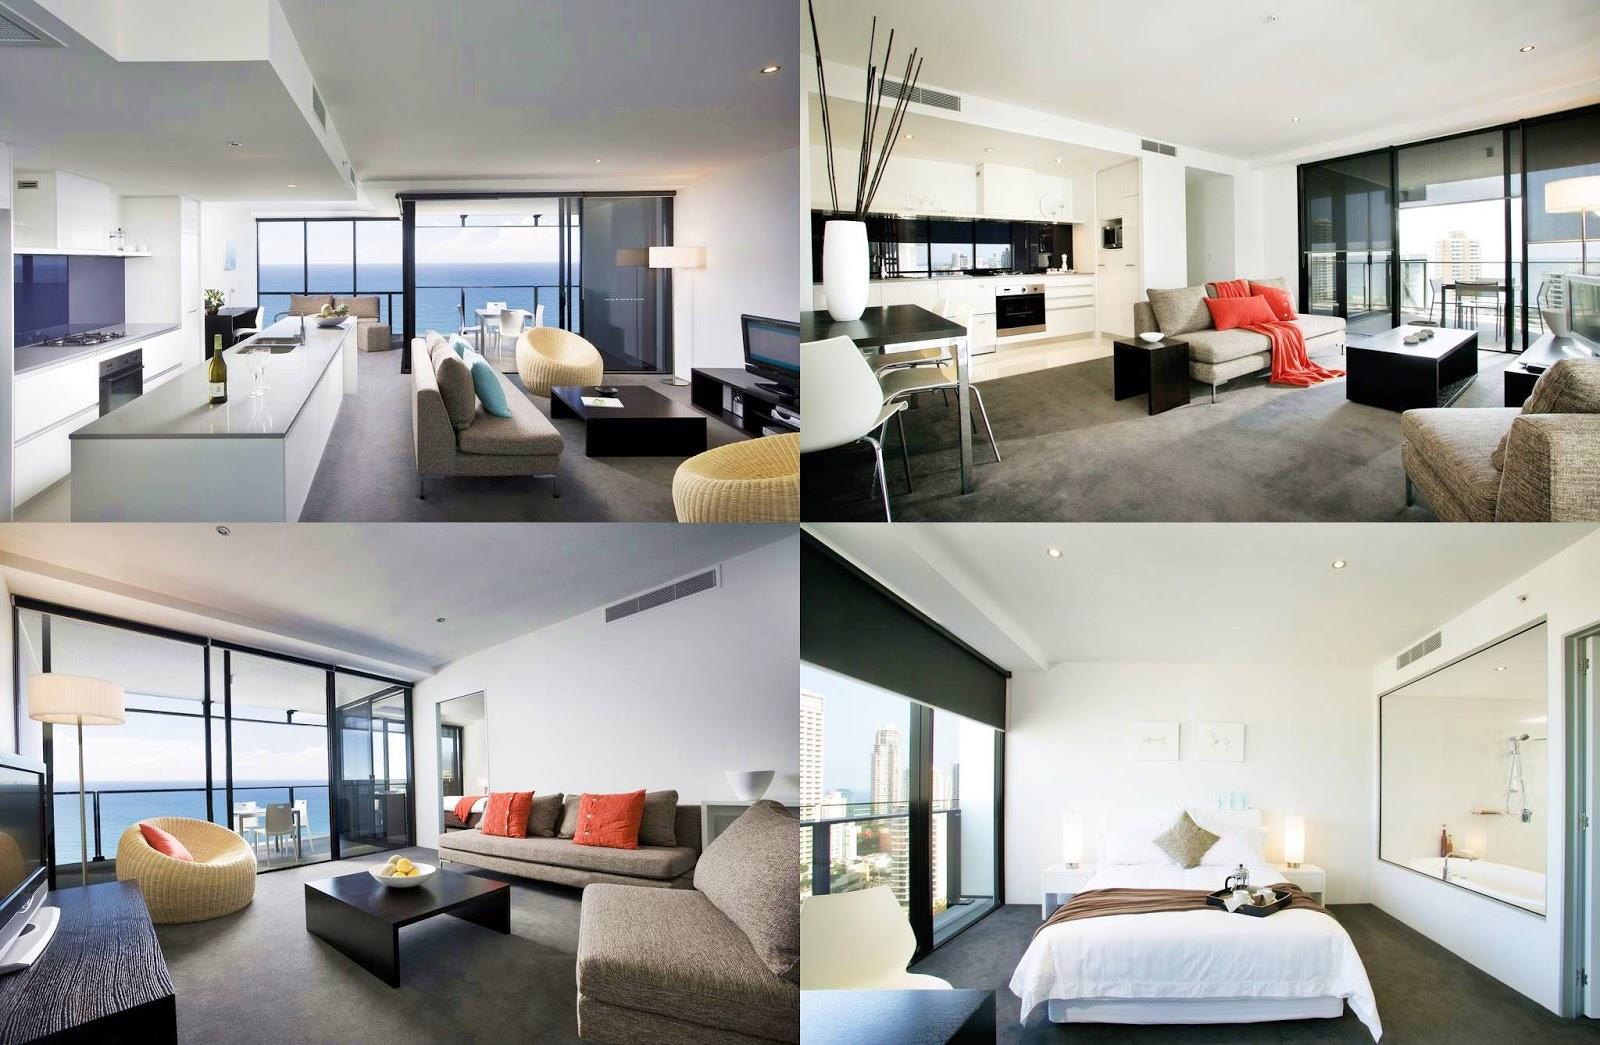 黃金海岸-住宿-推薦-飯店-酒店-芒特拉圈卡維爾酒店-Mantra-Circle-On-Cavill-旅館-民宿-公寓-旅遊-澳洲-Gold-Coast-Hotel-Apartment-Australia